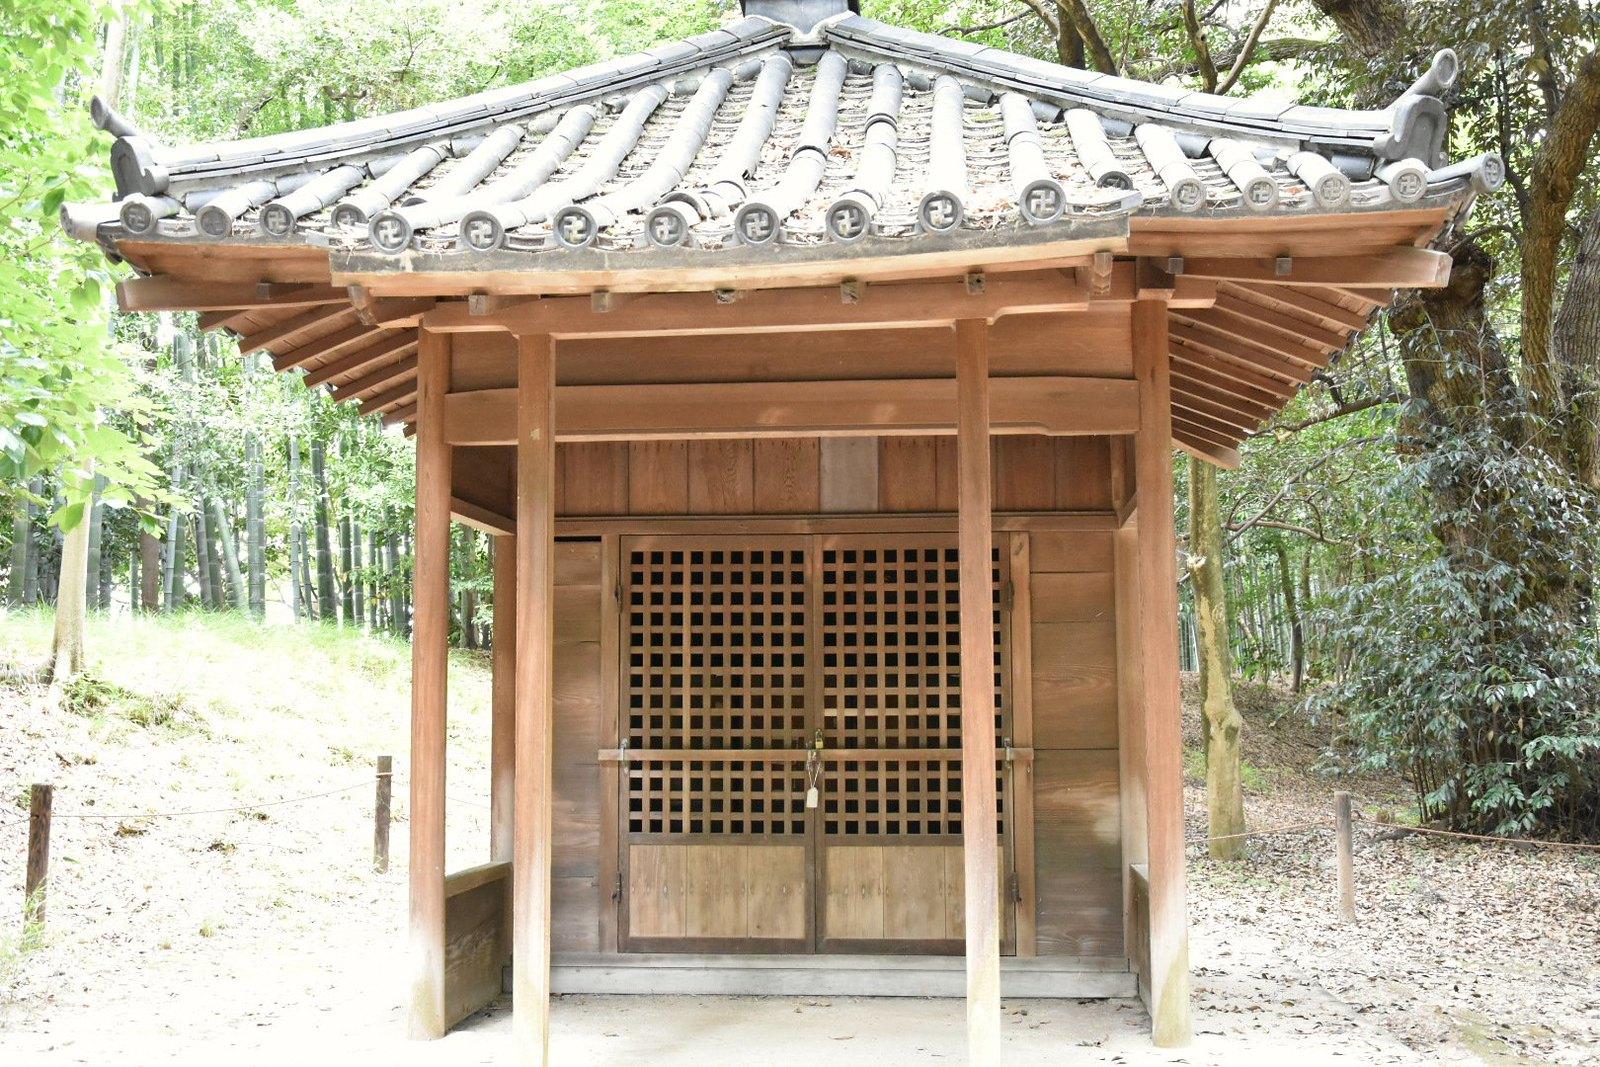 Jardins de Kôraku-en - petit sanctuaire bouddhiste (se reconnait aux svastikas)